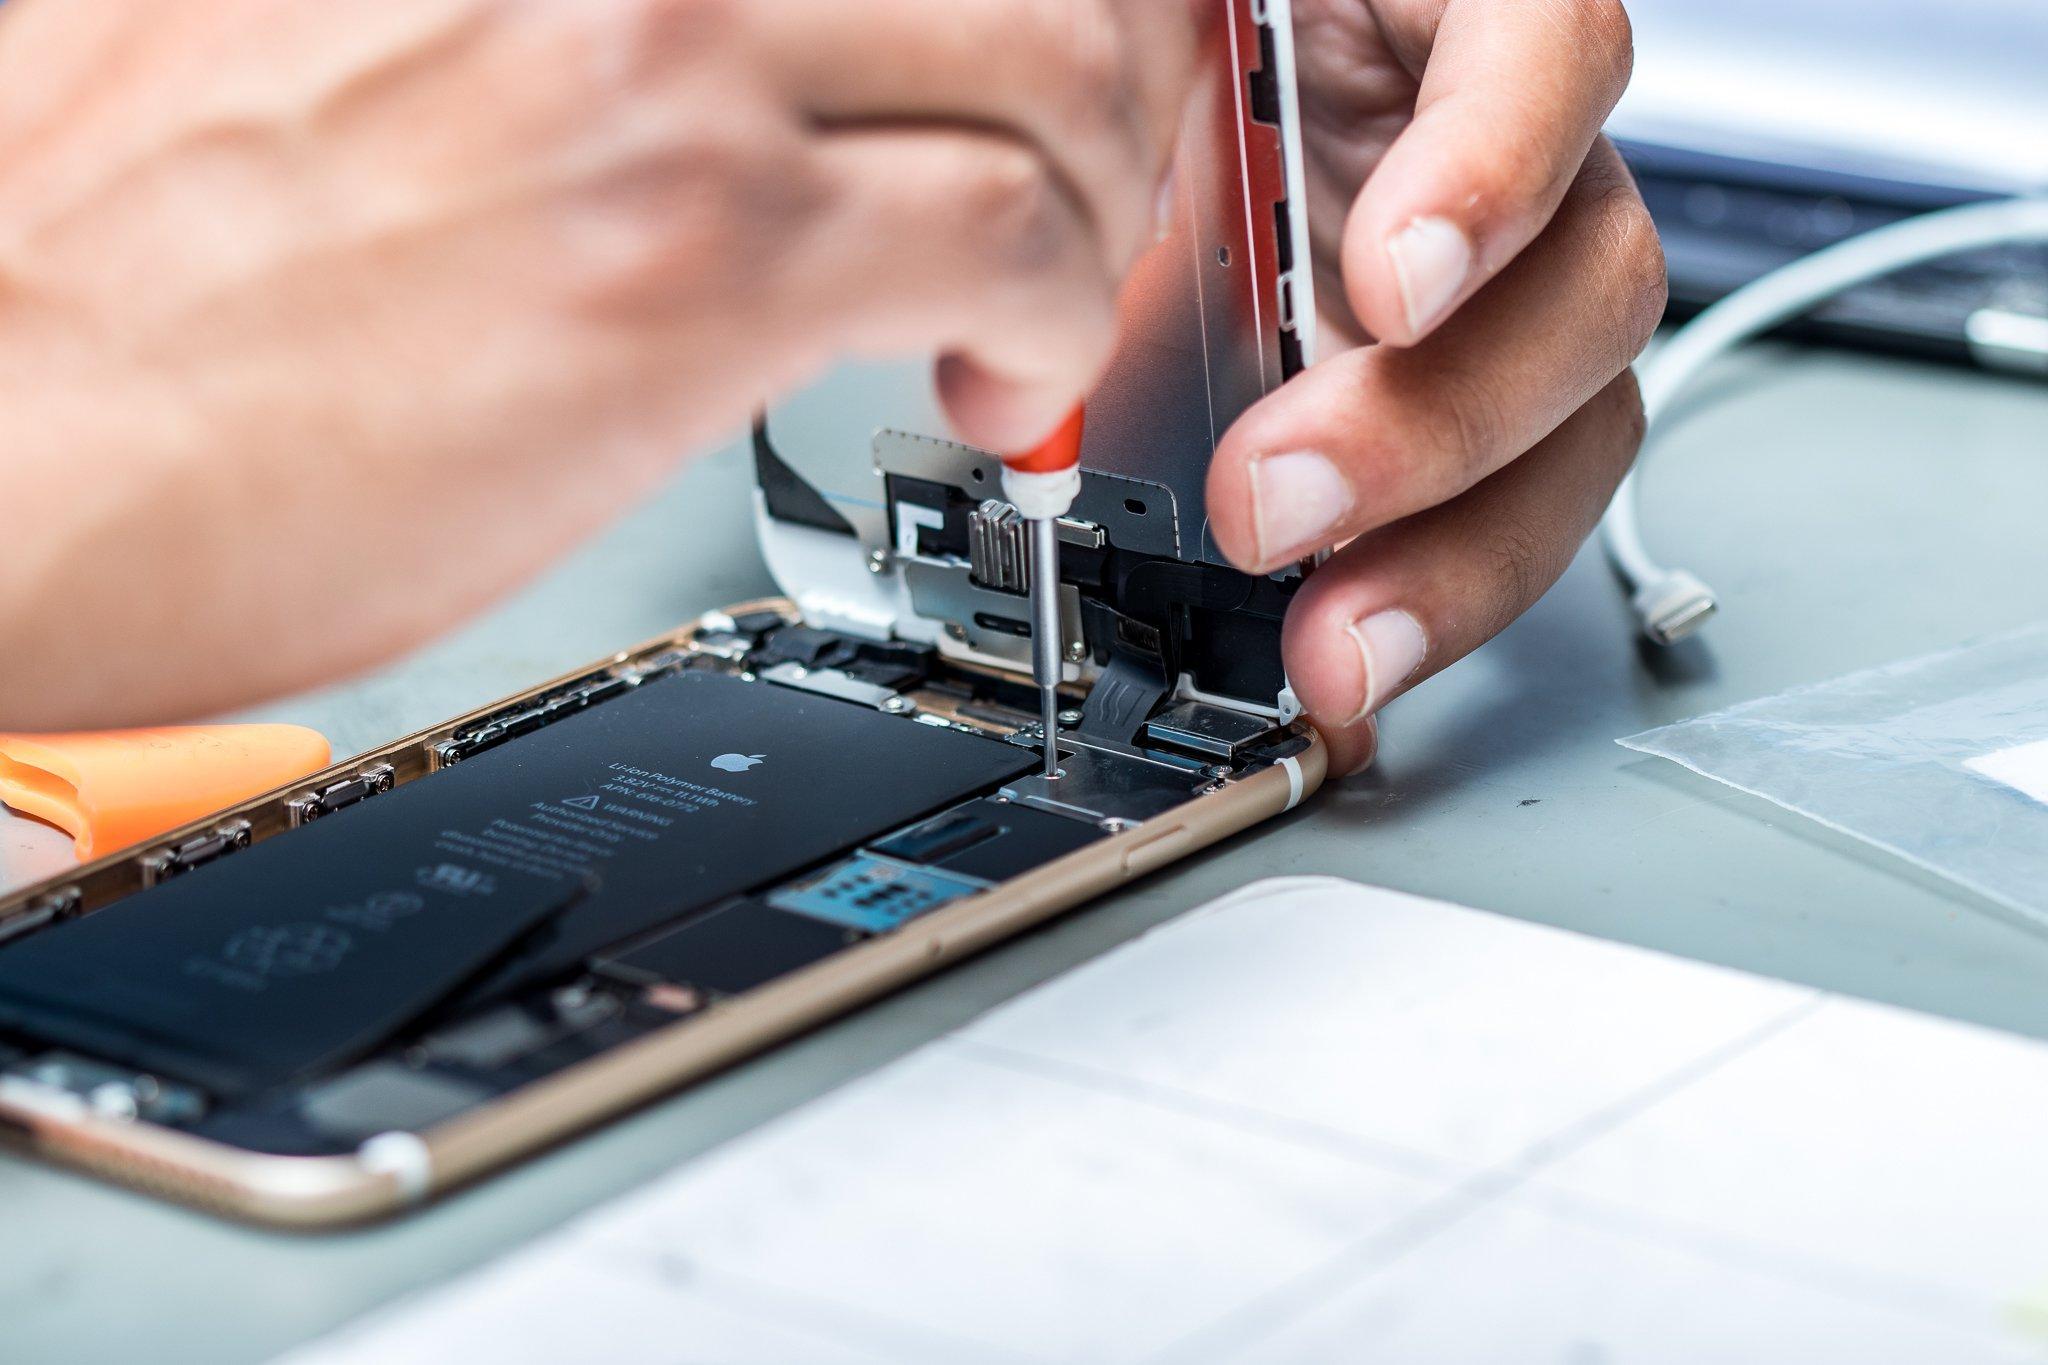 УApple дефицит запчастей для ремонта iPhone иiPad